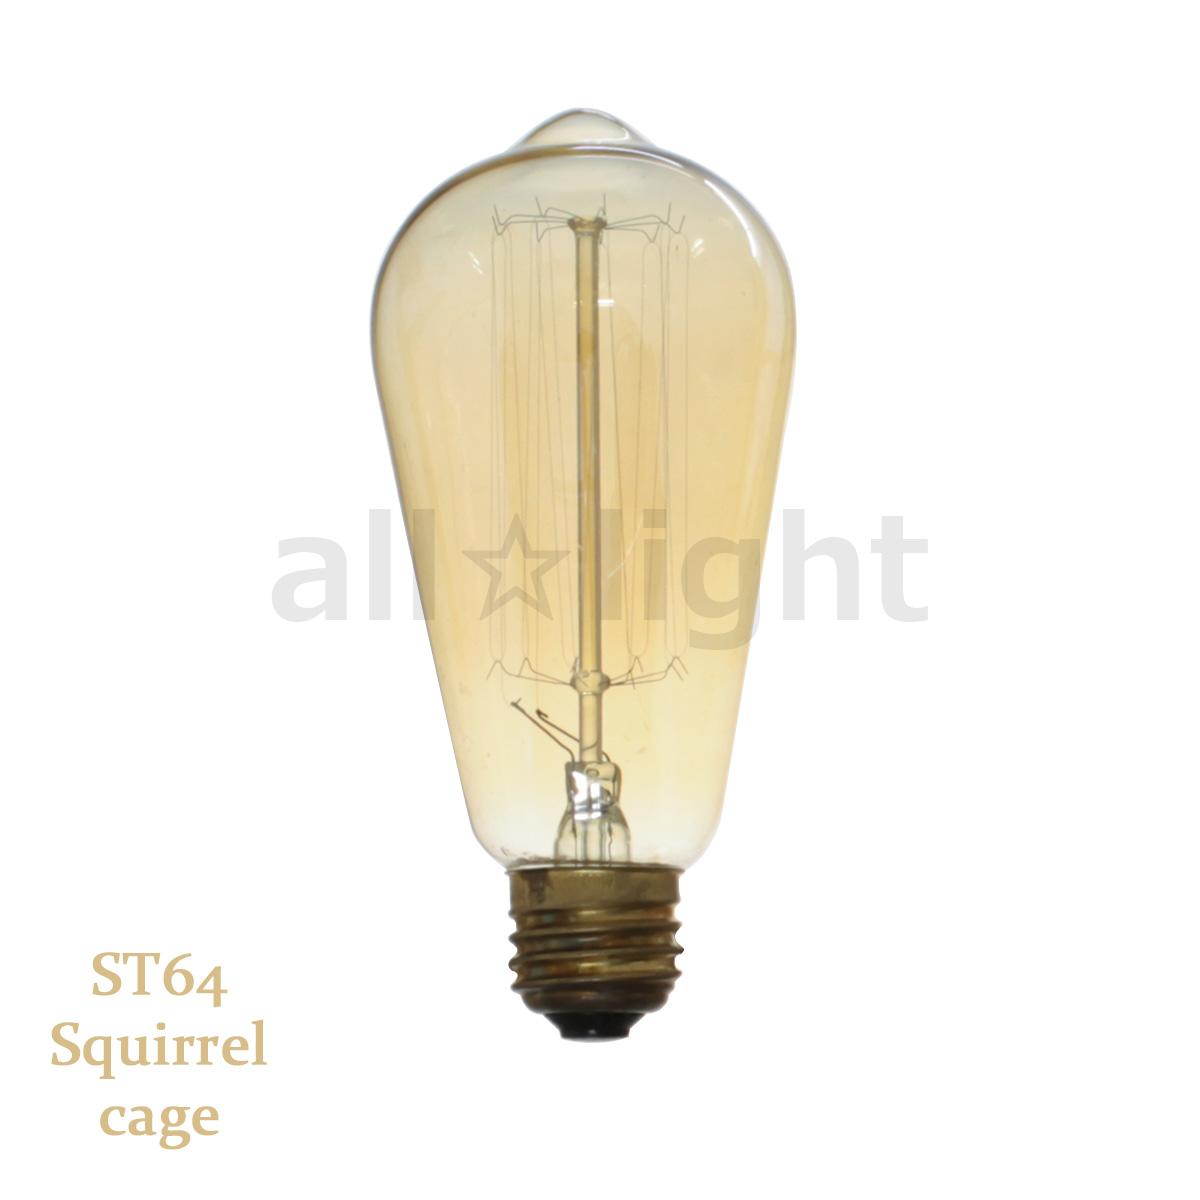 7700円以上で送料無料 レトロなフォルムの電球 アンティーク器具に最適 エジソンバルブ エジソン電球 ナス球形 ST64 お値打ち価格で E26 110V 40W cage E26 110V ST64 40W SC お気にいる Squirrel